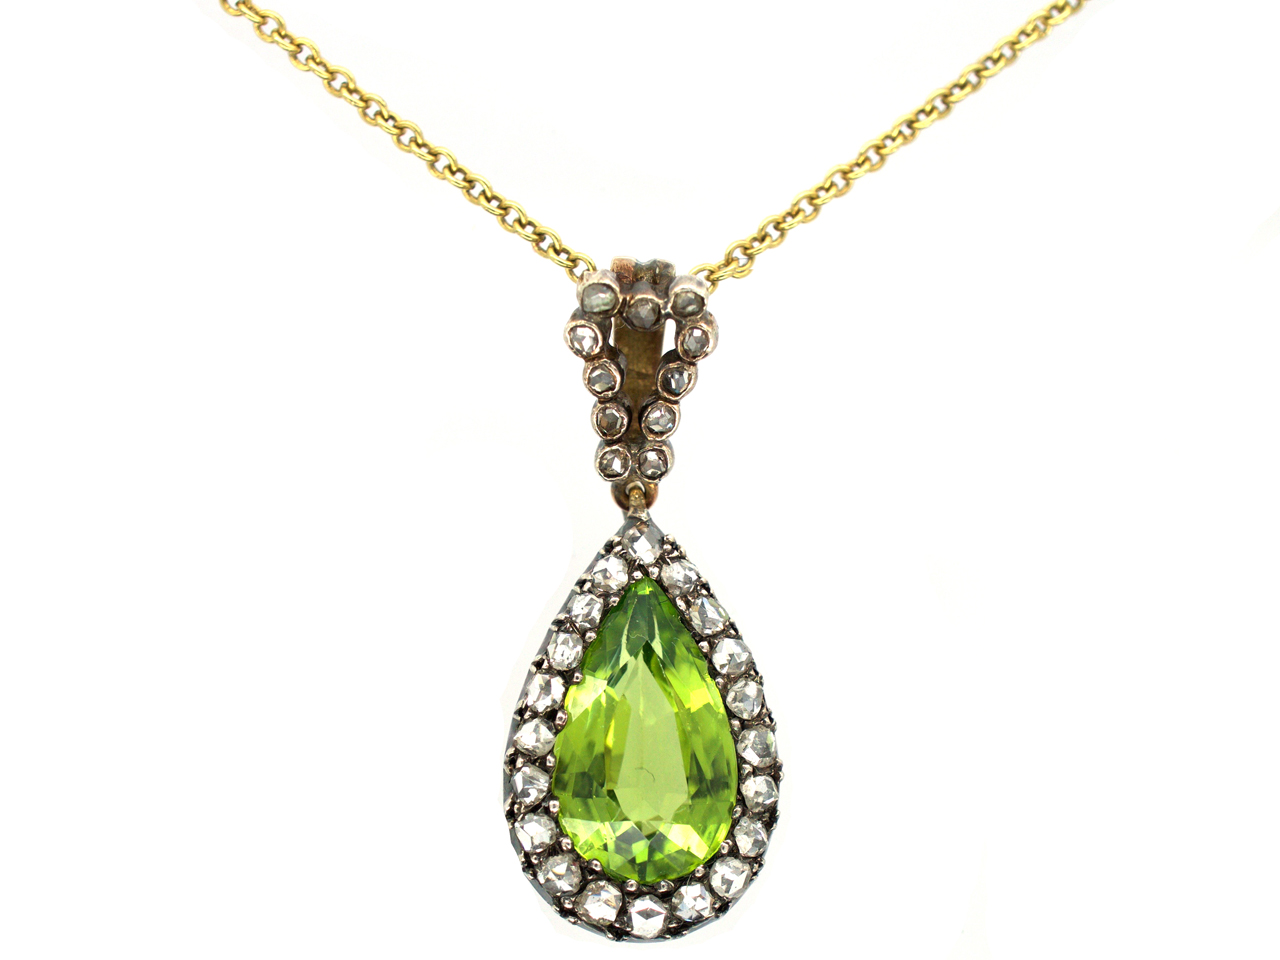 Edwardian Peridot & Diamond Pear Shaped Pendant on Gold Chain